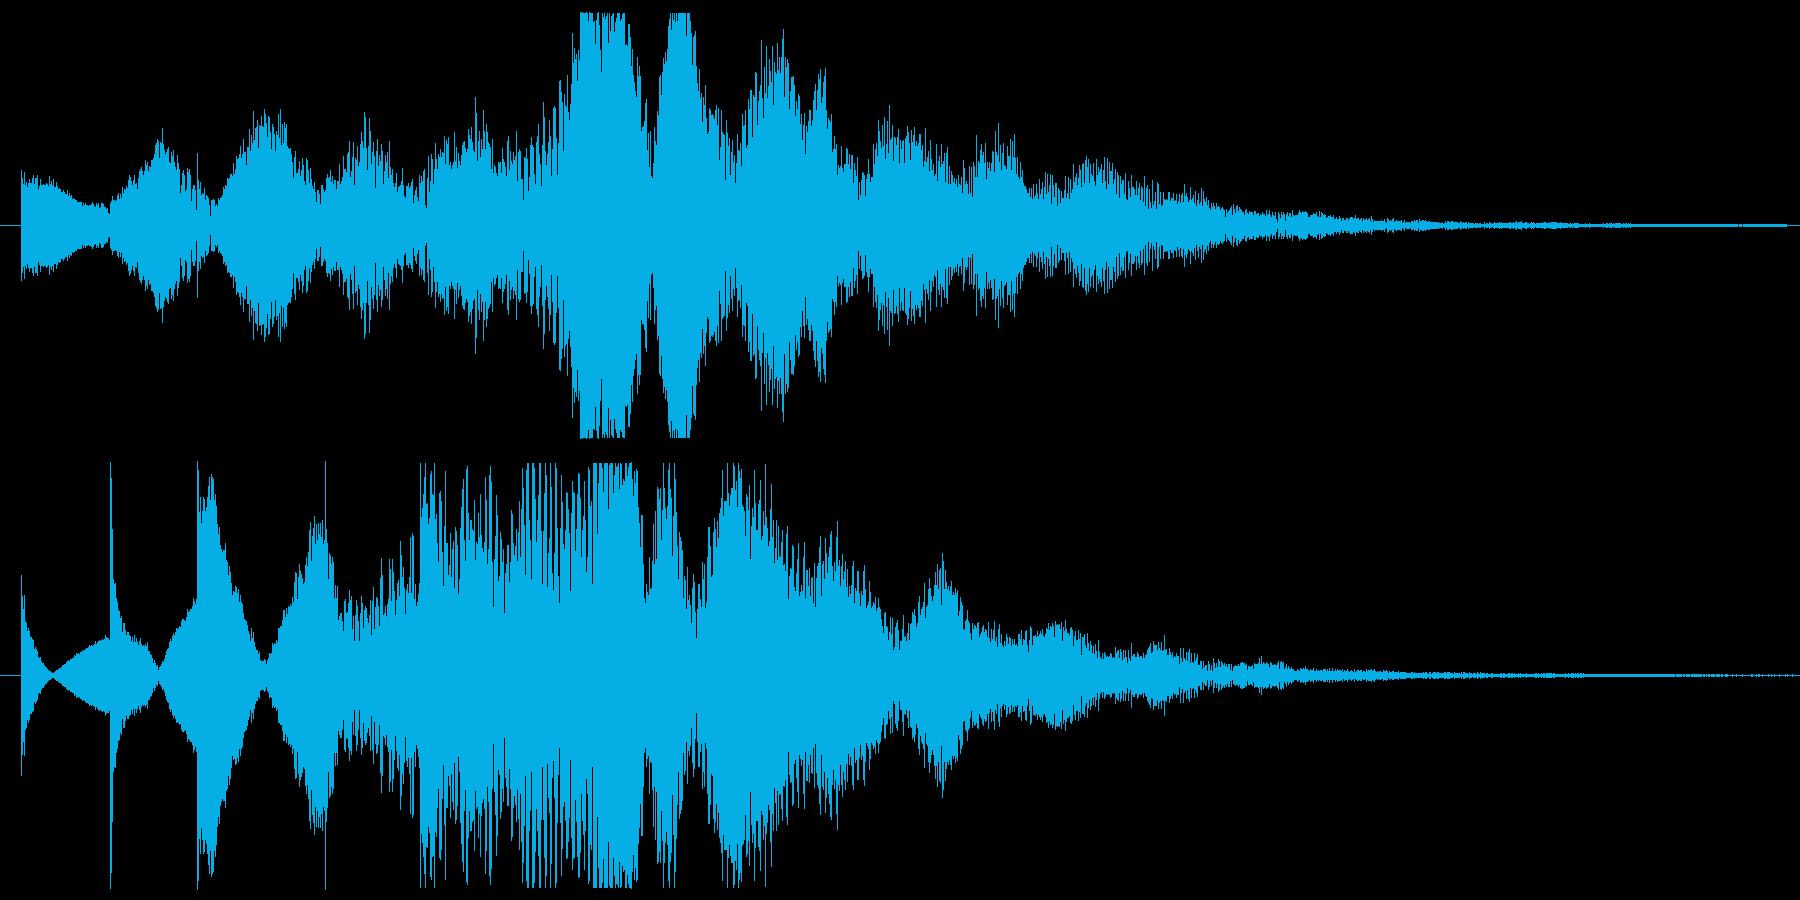 パッドとトイピアノ系の広がりあるSEの再生済みの波形